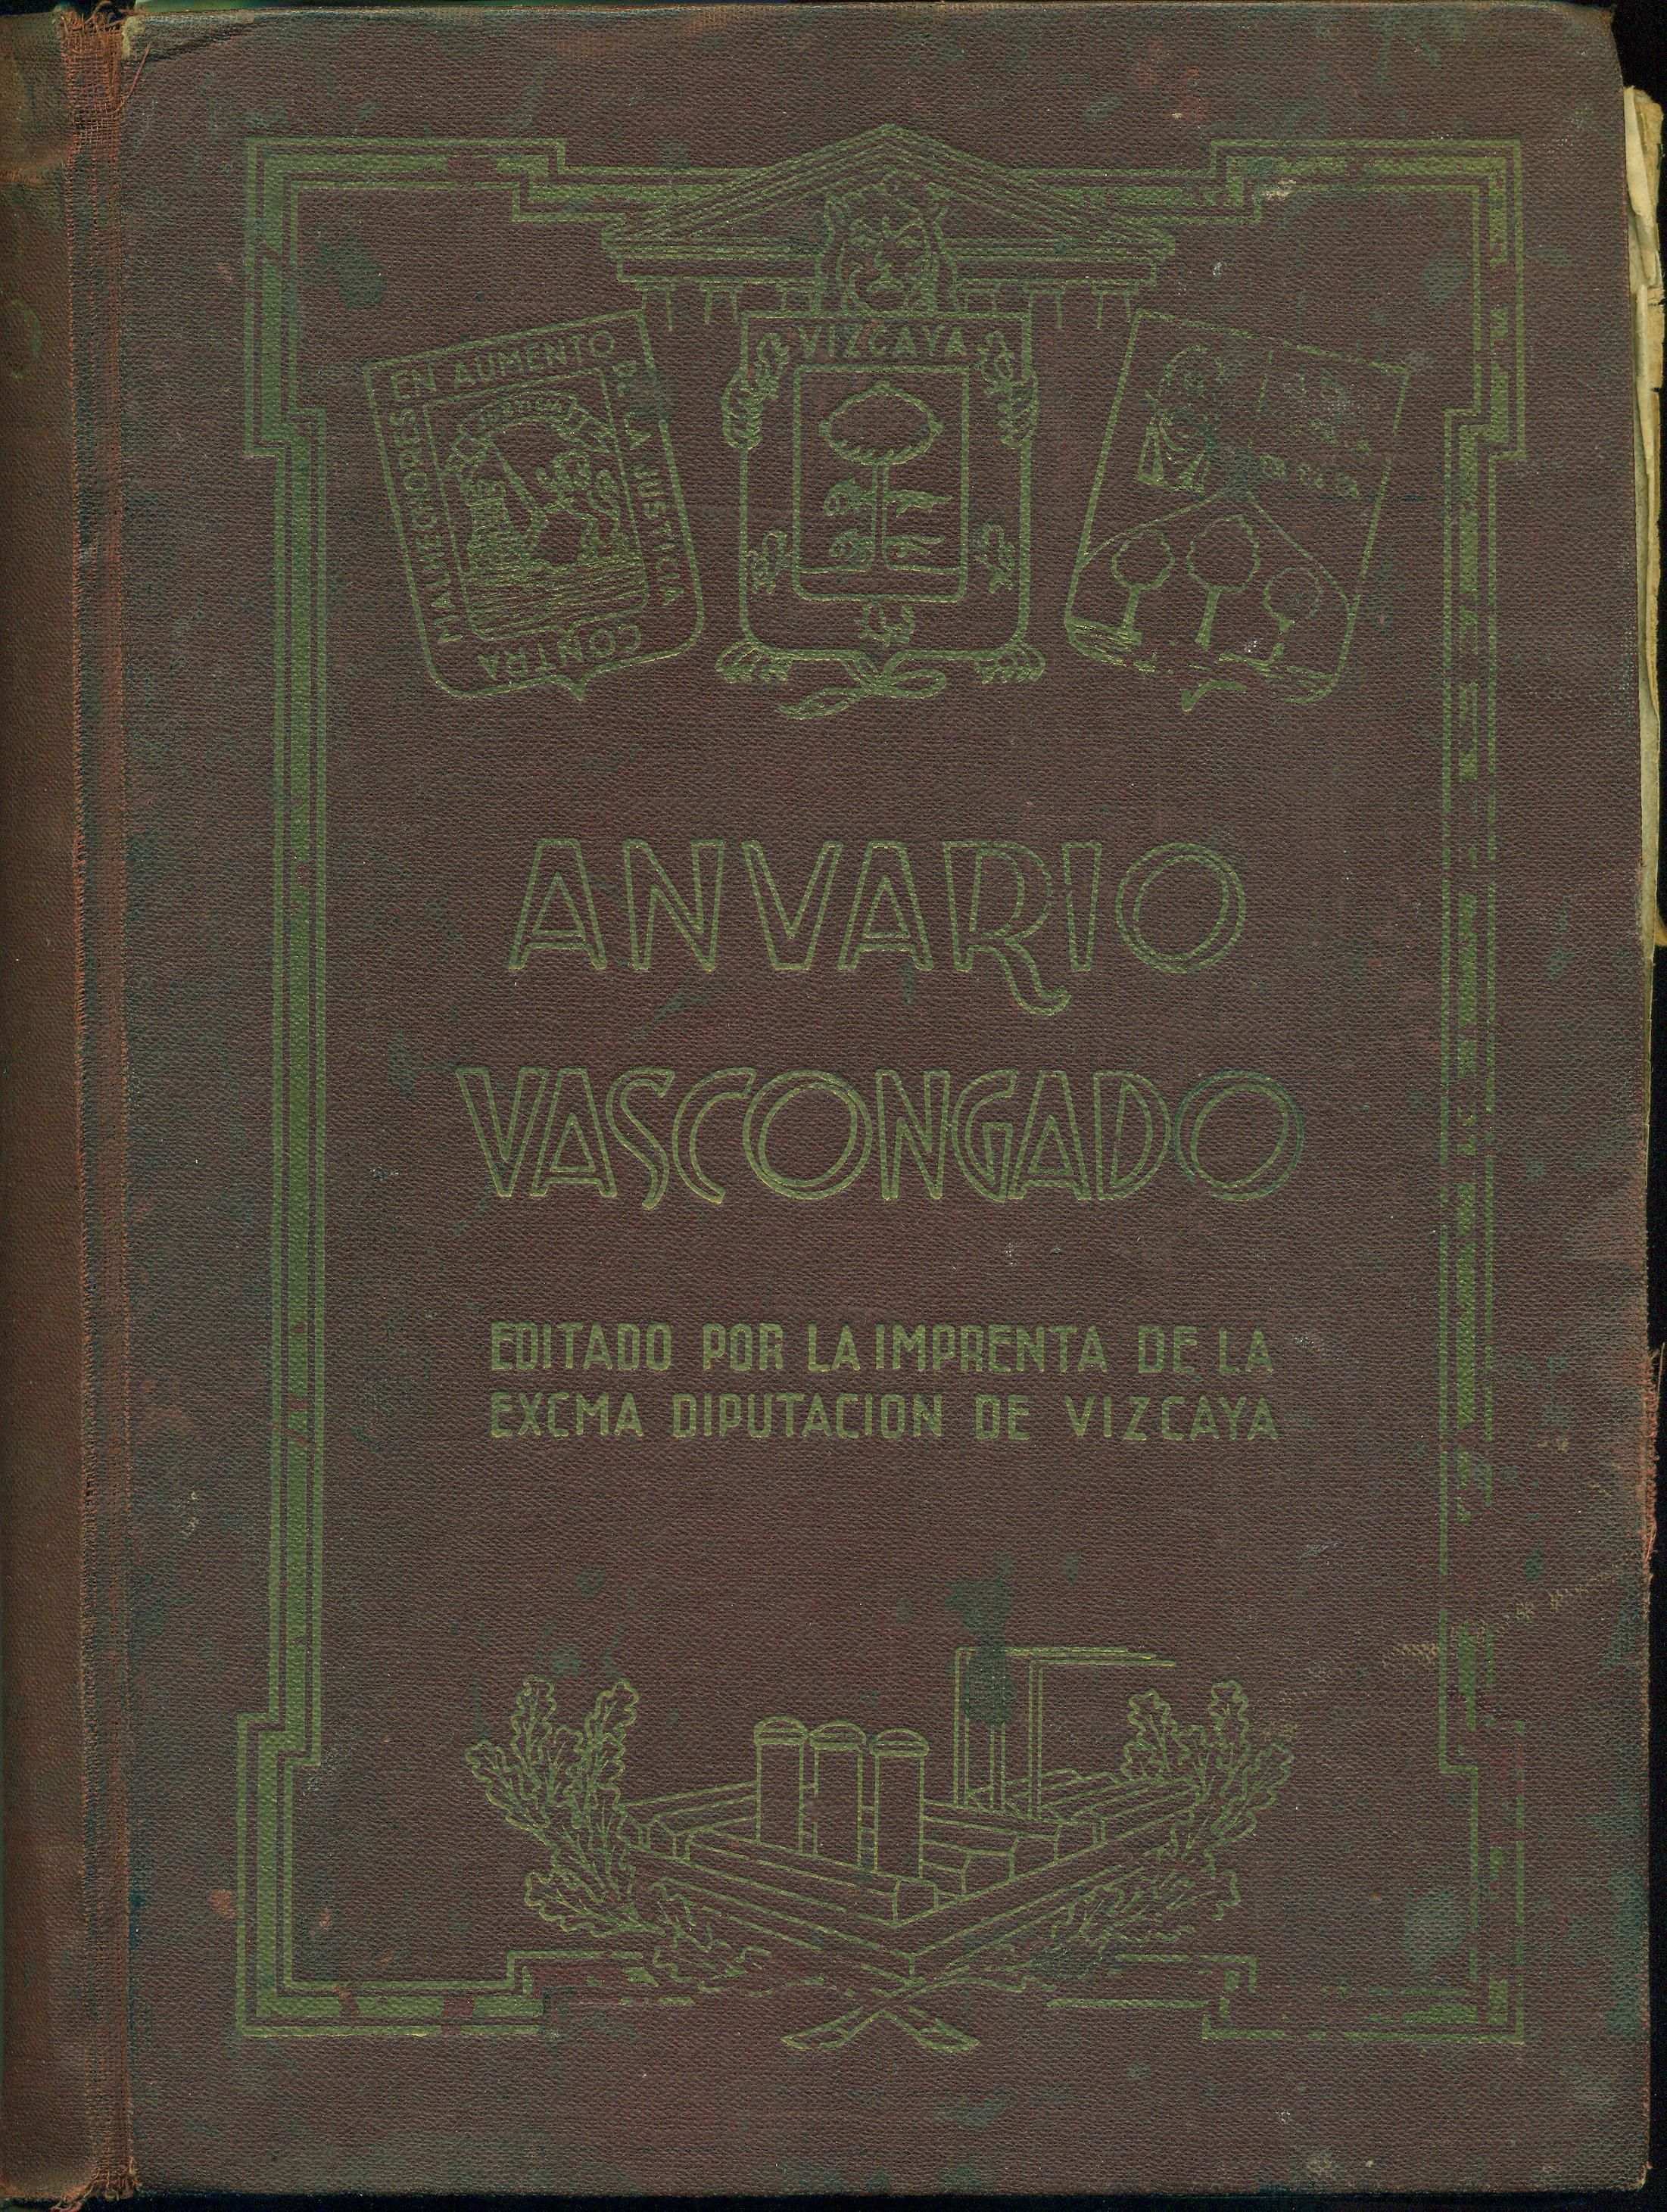 Anuario Vascongado